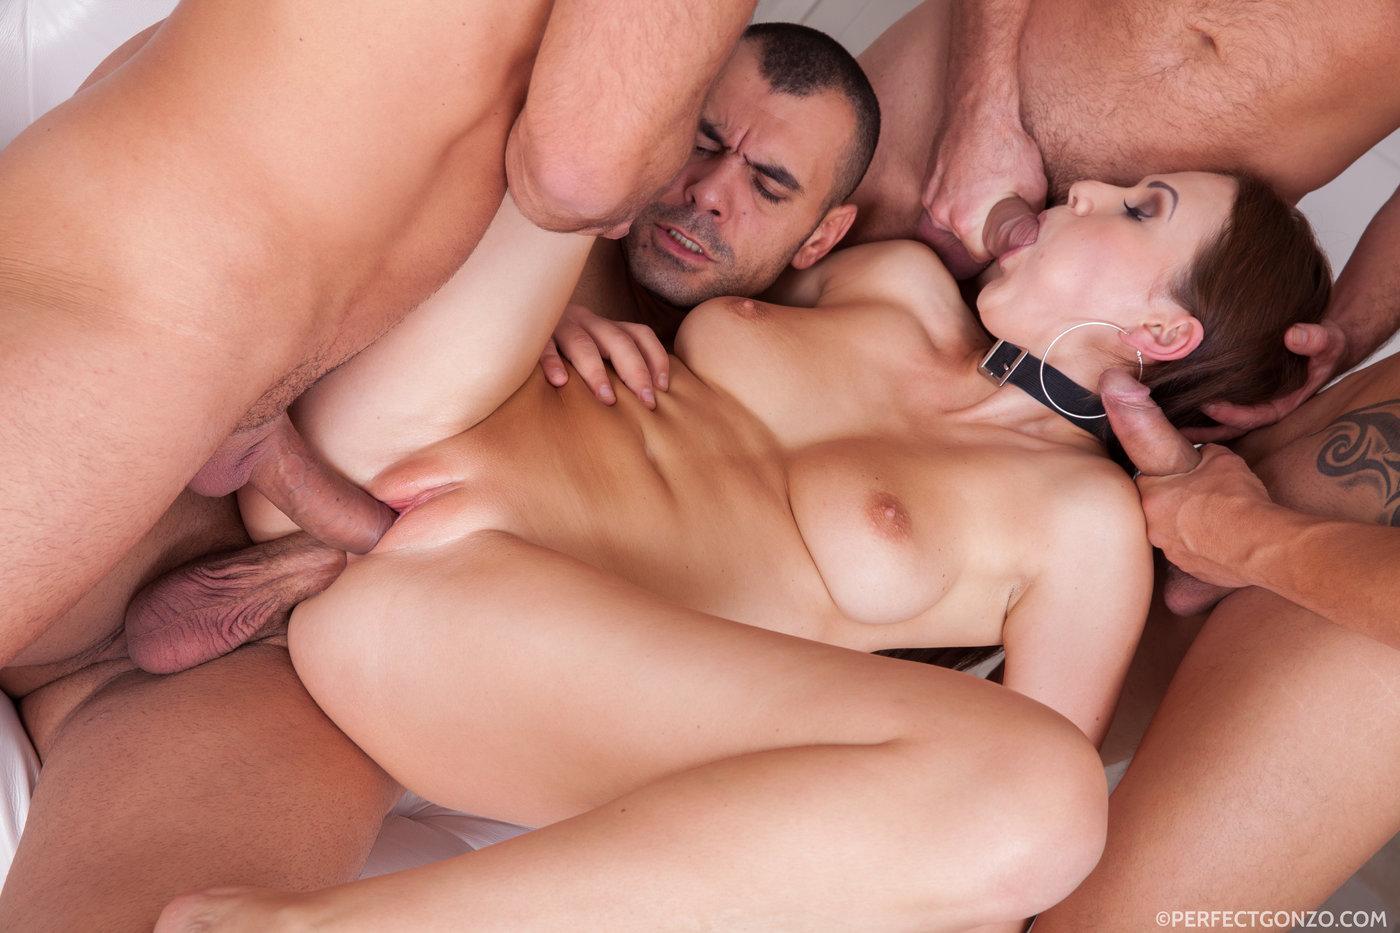 Порно двое трахает один смотрит, арт хаус эротика на грани порно фото